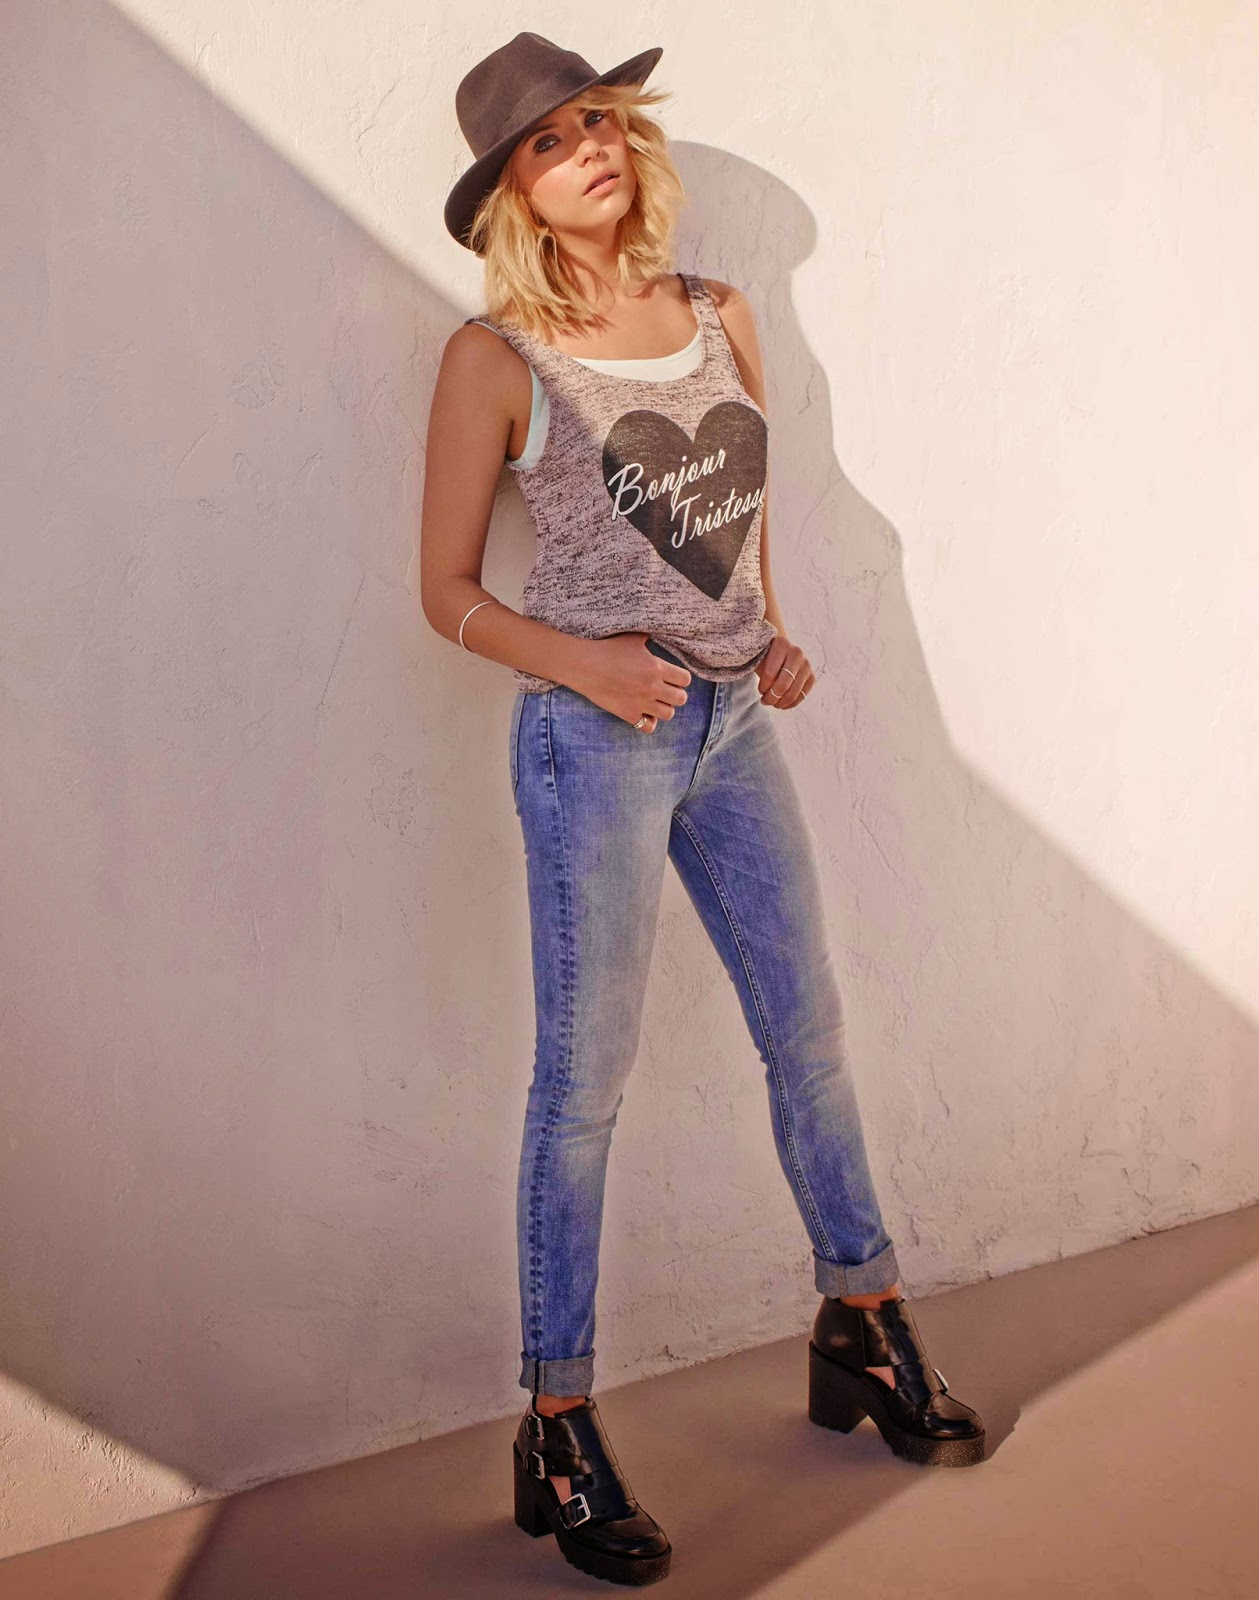 Ashley Benson Noua Vedeta H M New Fashion Life